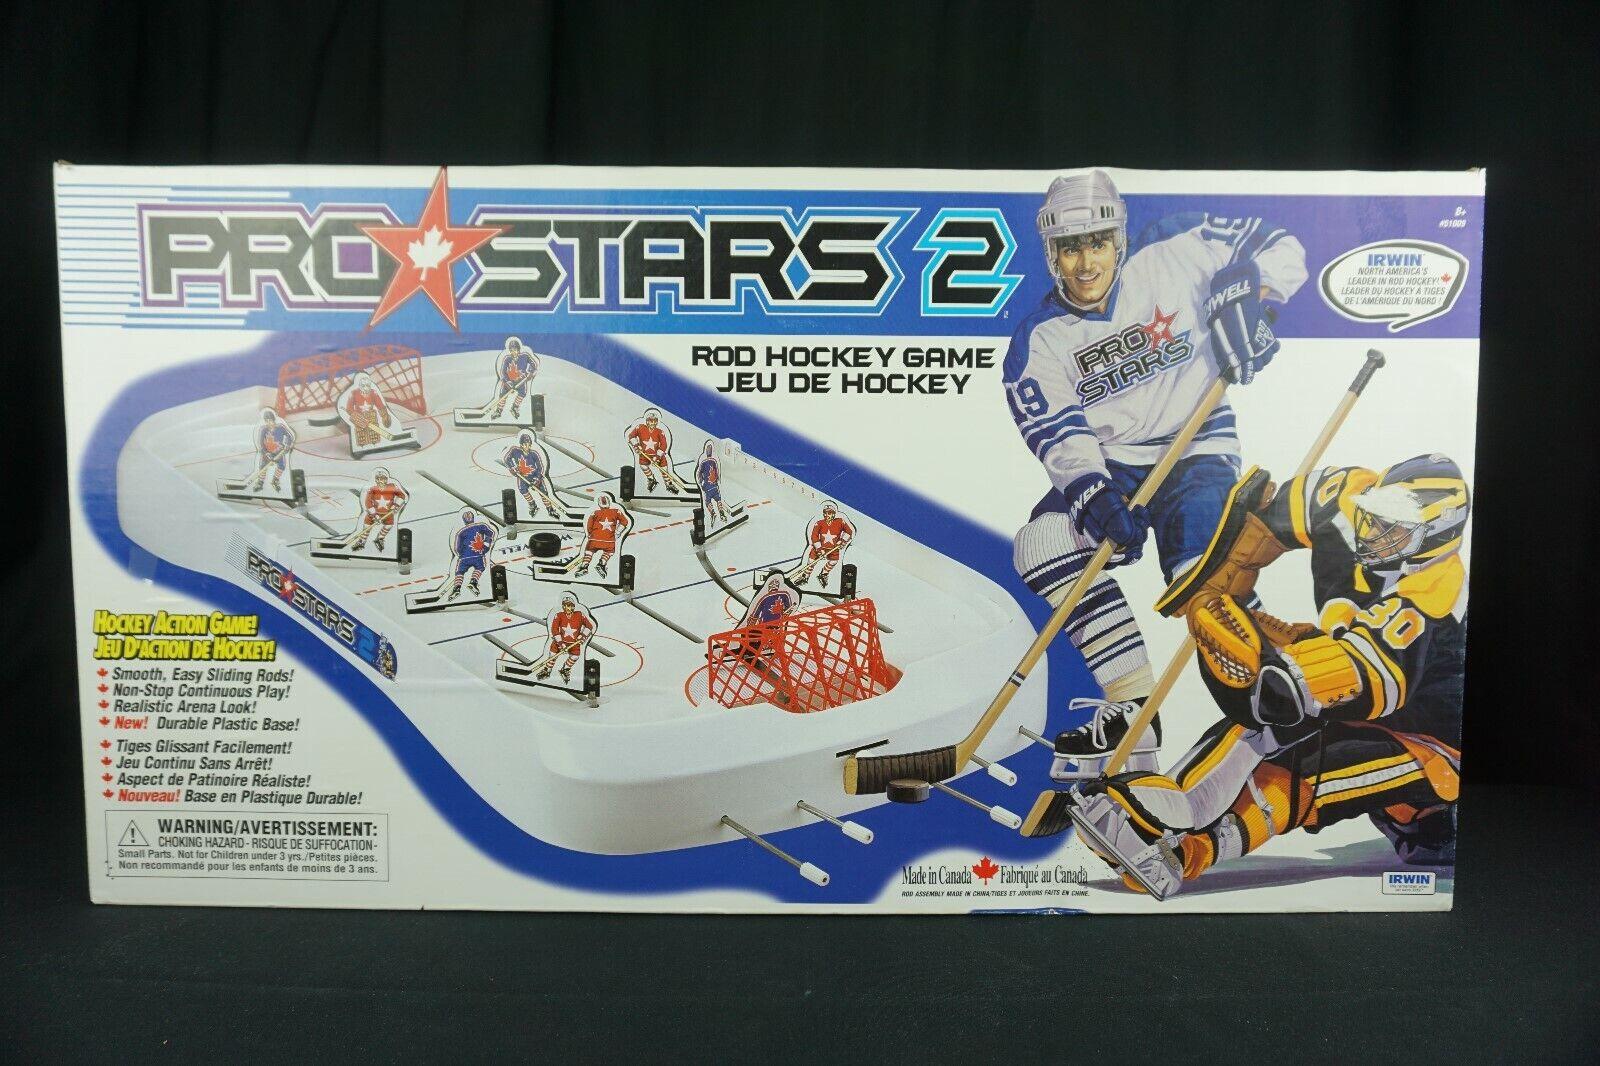 Irwin mesa juego de hockey de las barras de estrellas Pro 2    nuevo